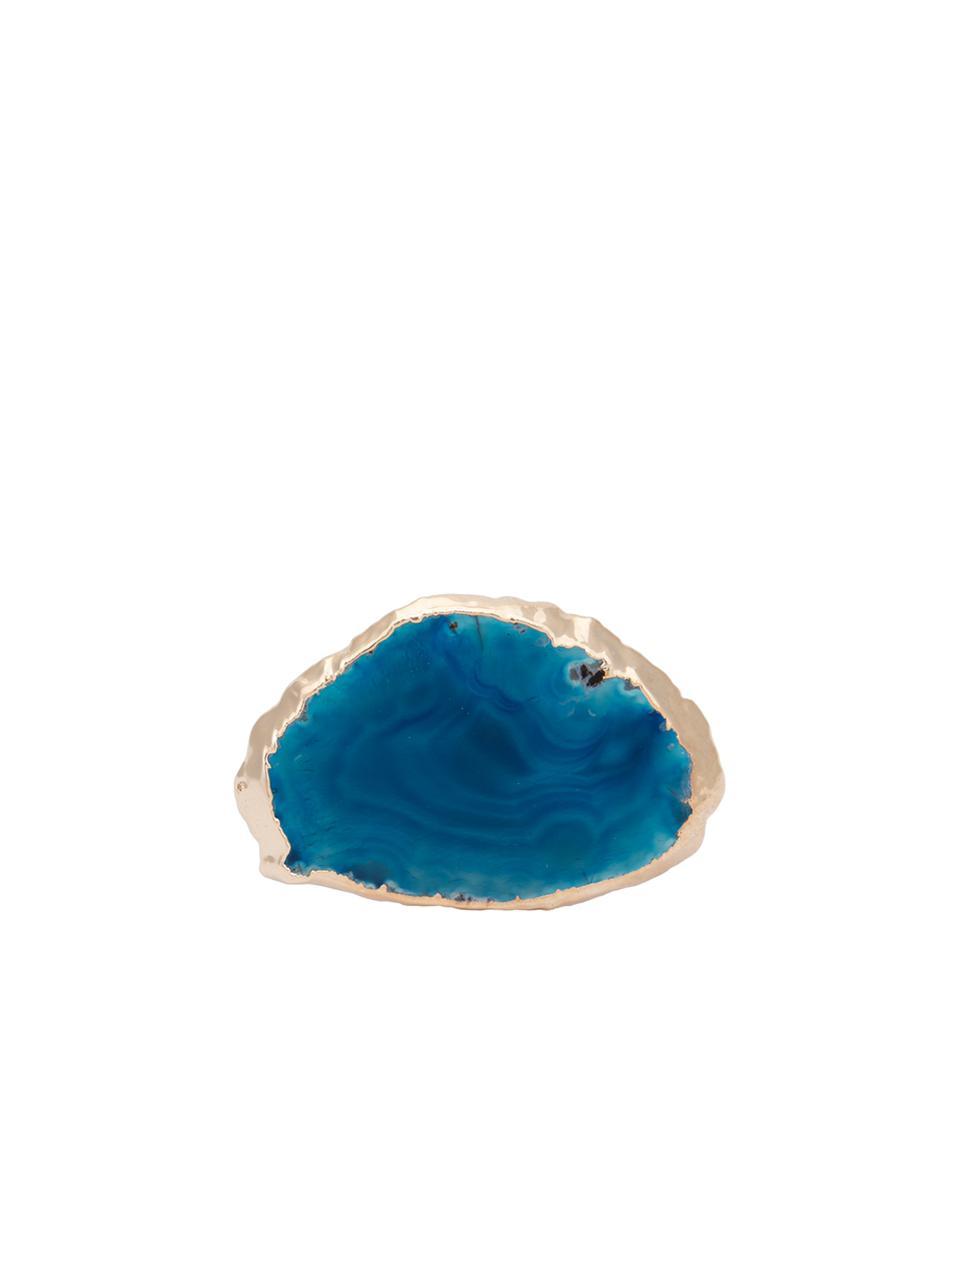 Argola De Guardanapo Em Acrílico Com Pedra Ágata Borda Ouro 1 Peça - Azul